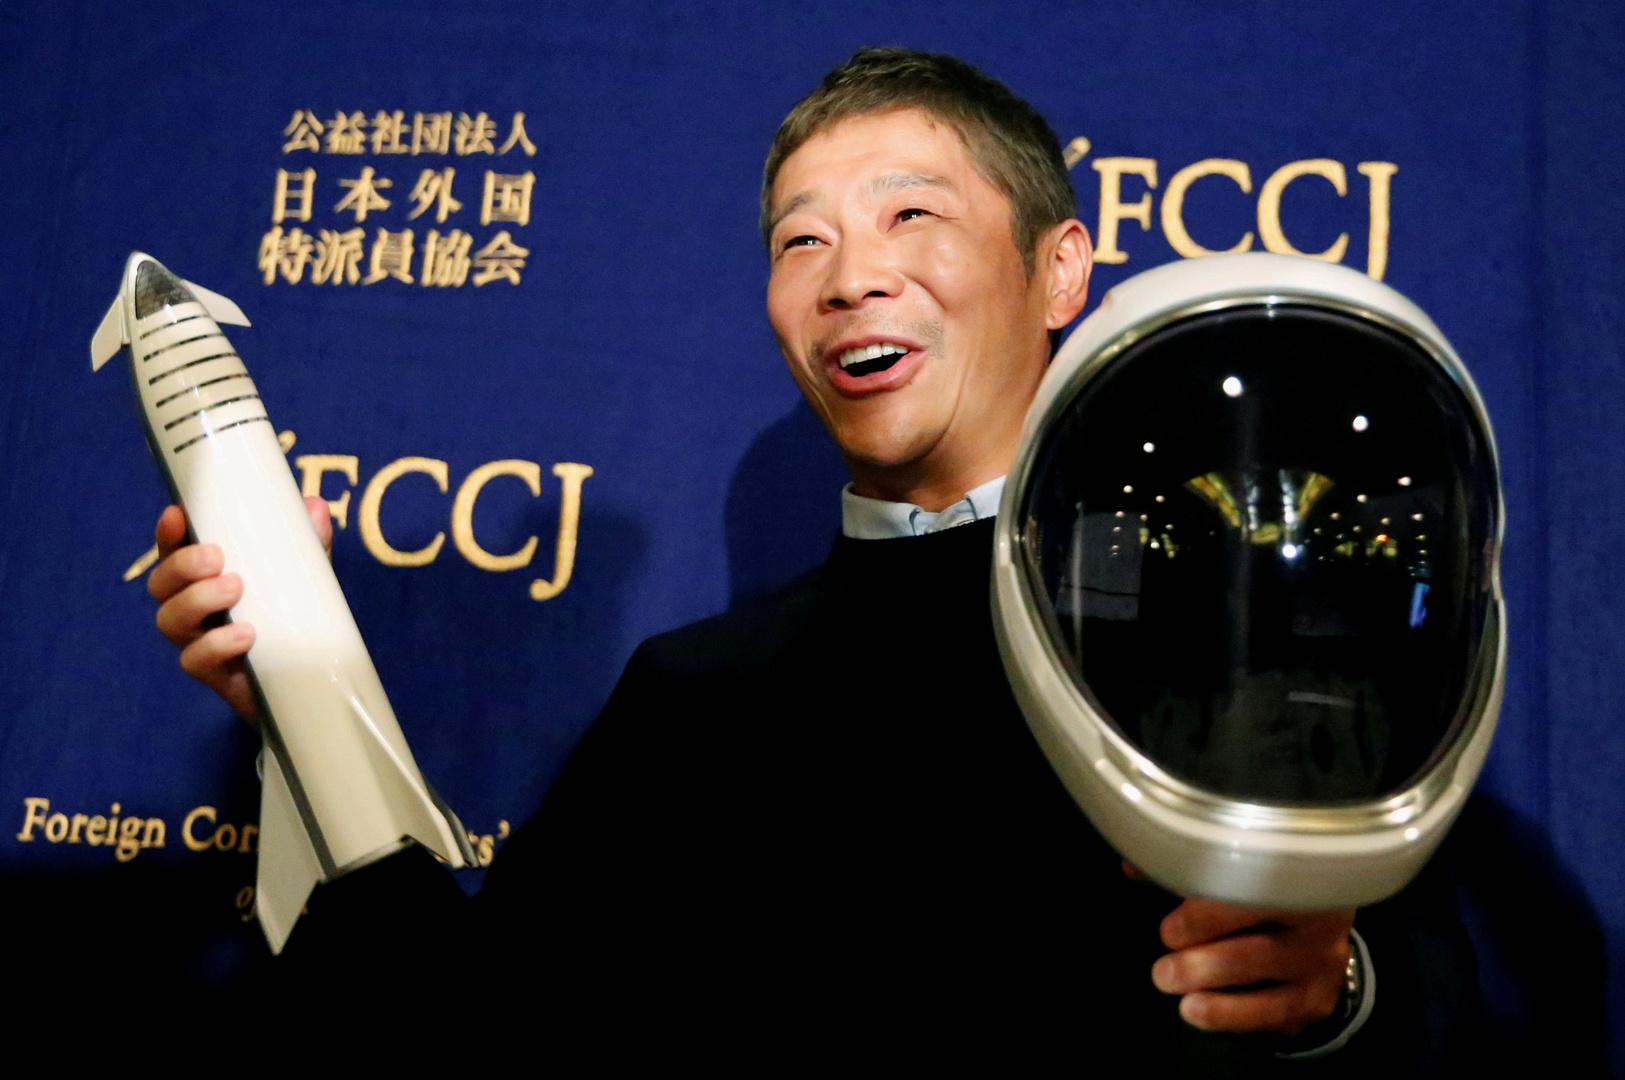 ملياردير ياباني يبحث عن 8 أشخاص من جميع أنحاء العالم يرافقونه في رحلة إلى القمر!